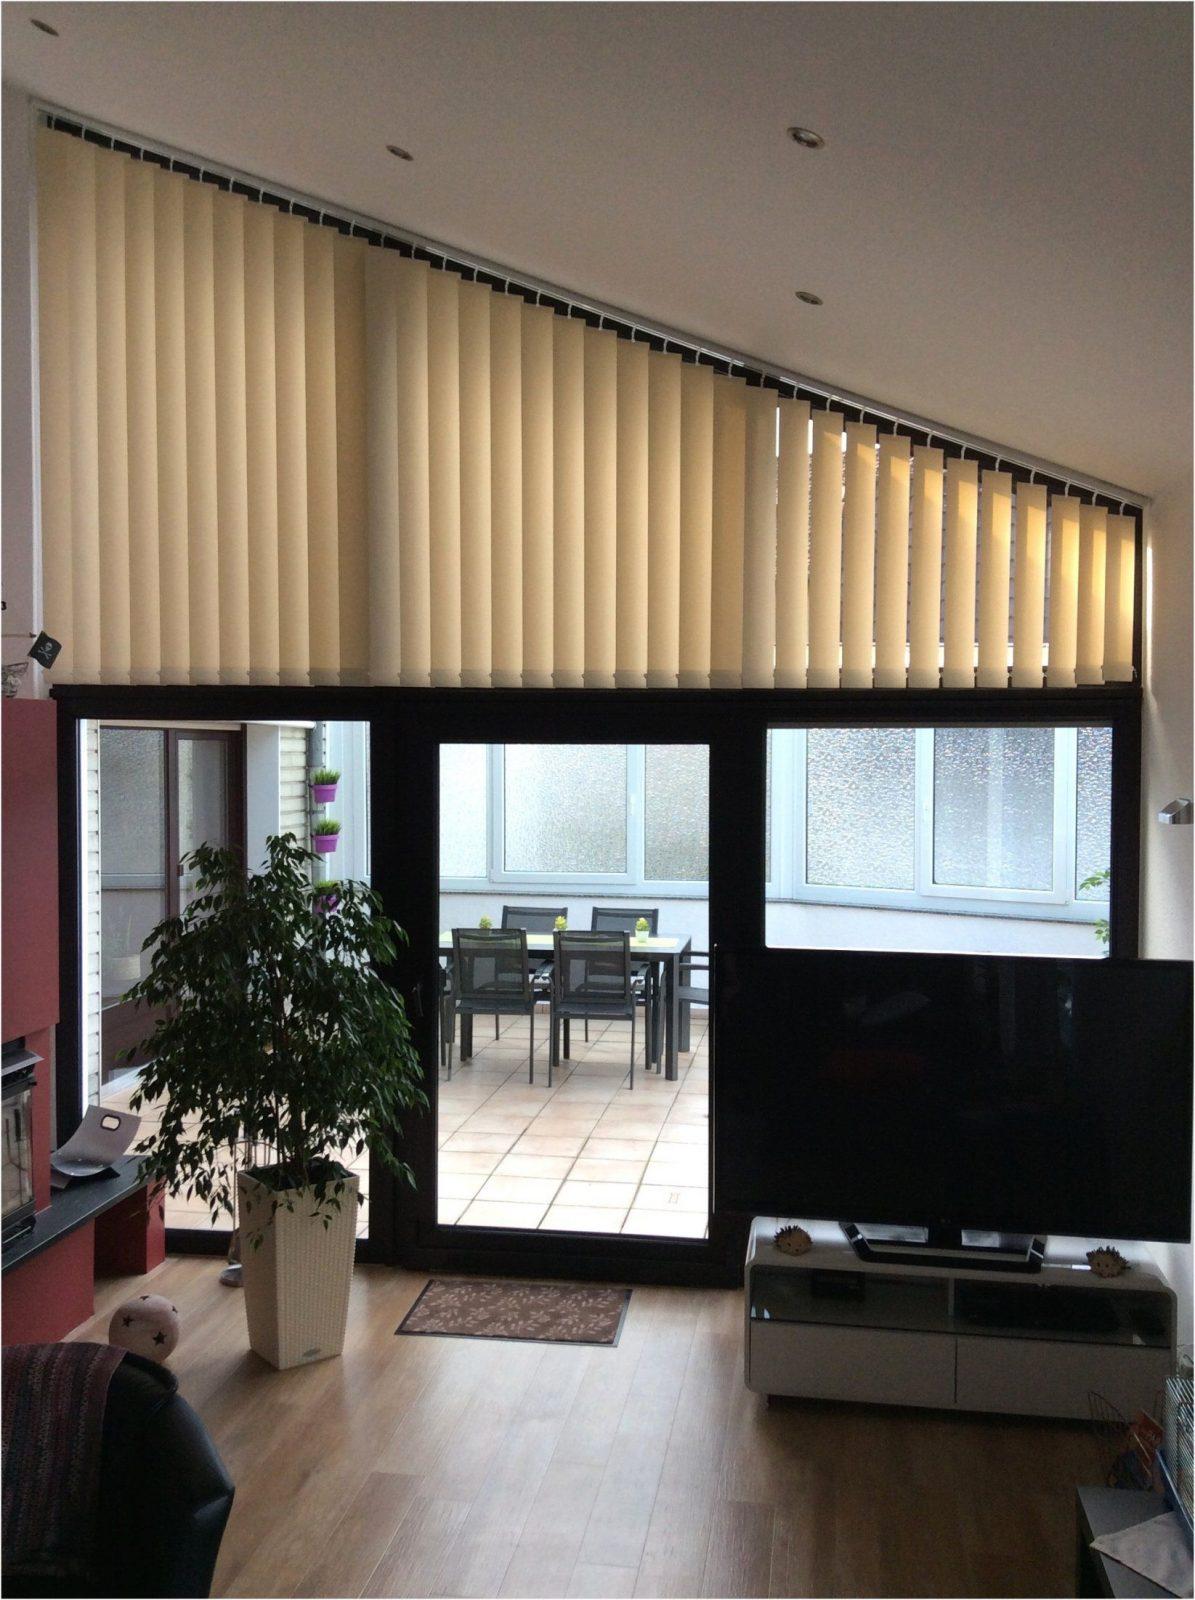 Wunderschöne Vorhang Schräge Fenster Schrã Ge Fenster Vorhã Nge Mit von Vorhänge Für Schräge Fenster Bild